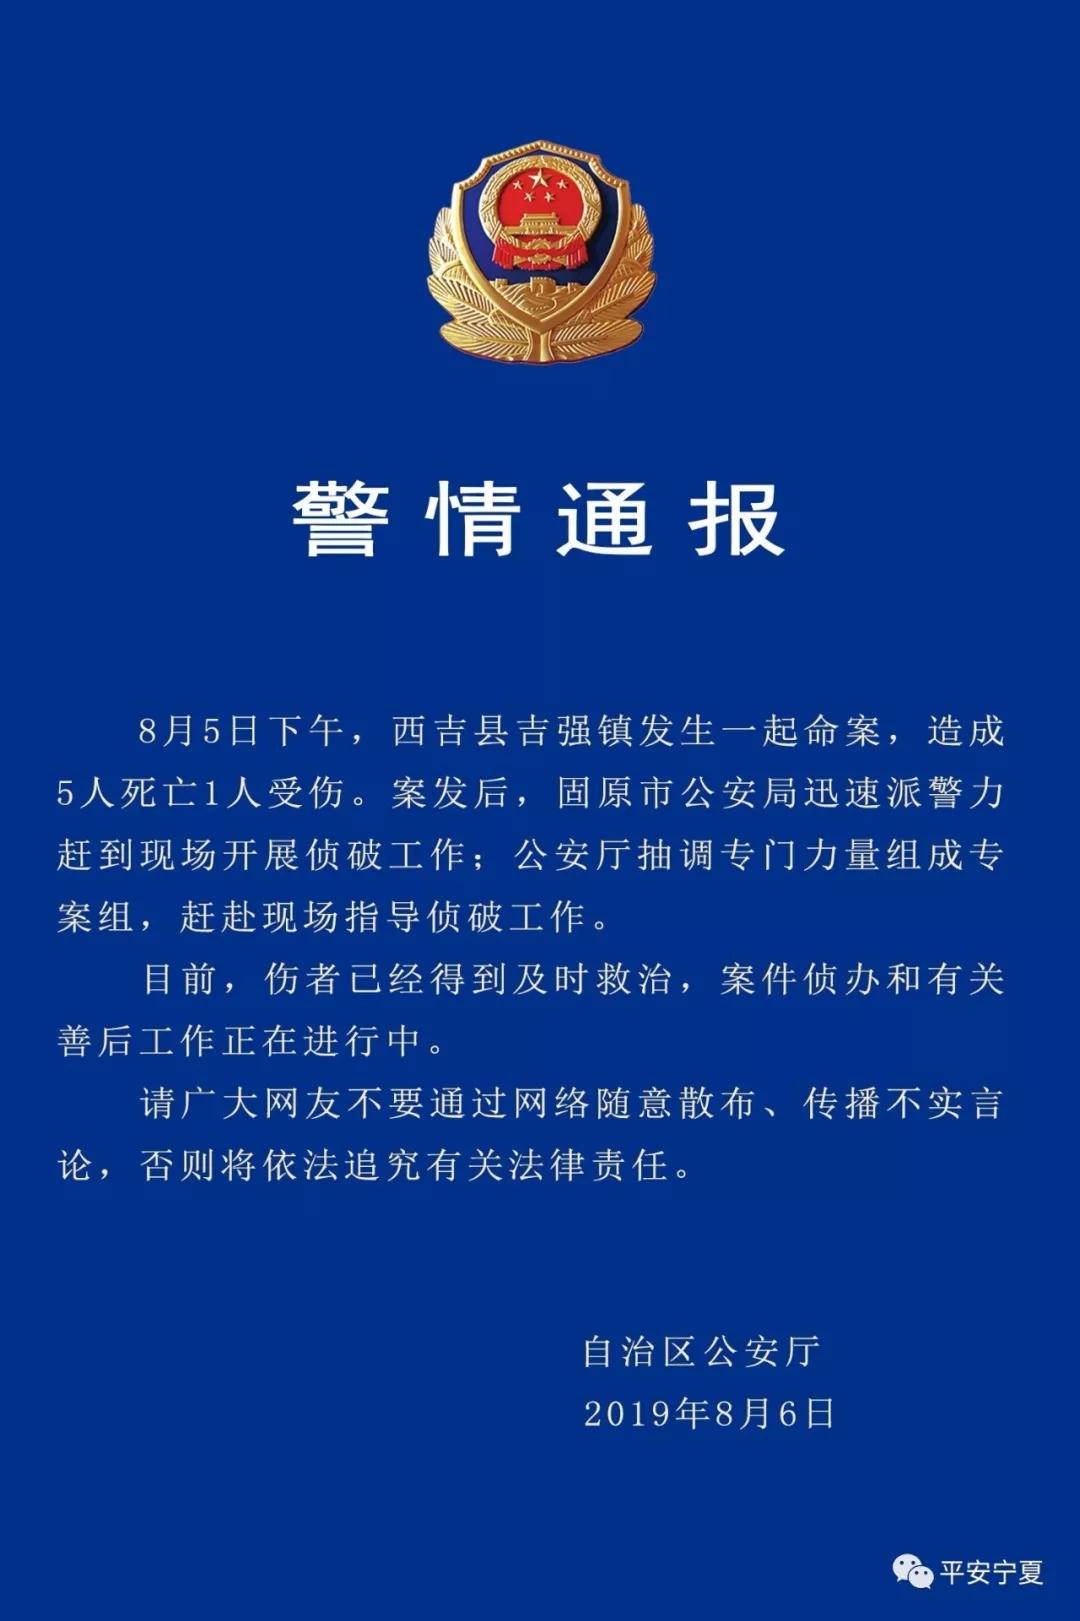 宁夏西吉县发生命案致5死1伤 警方正开展侦破工作